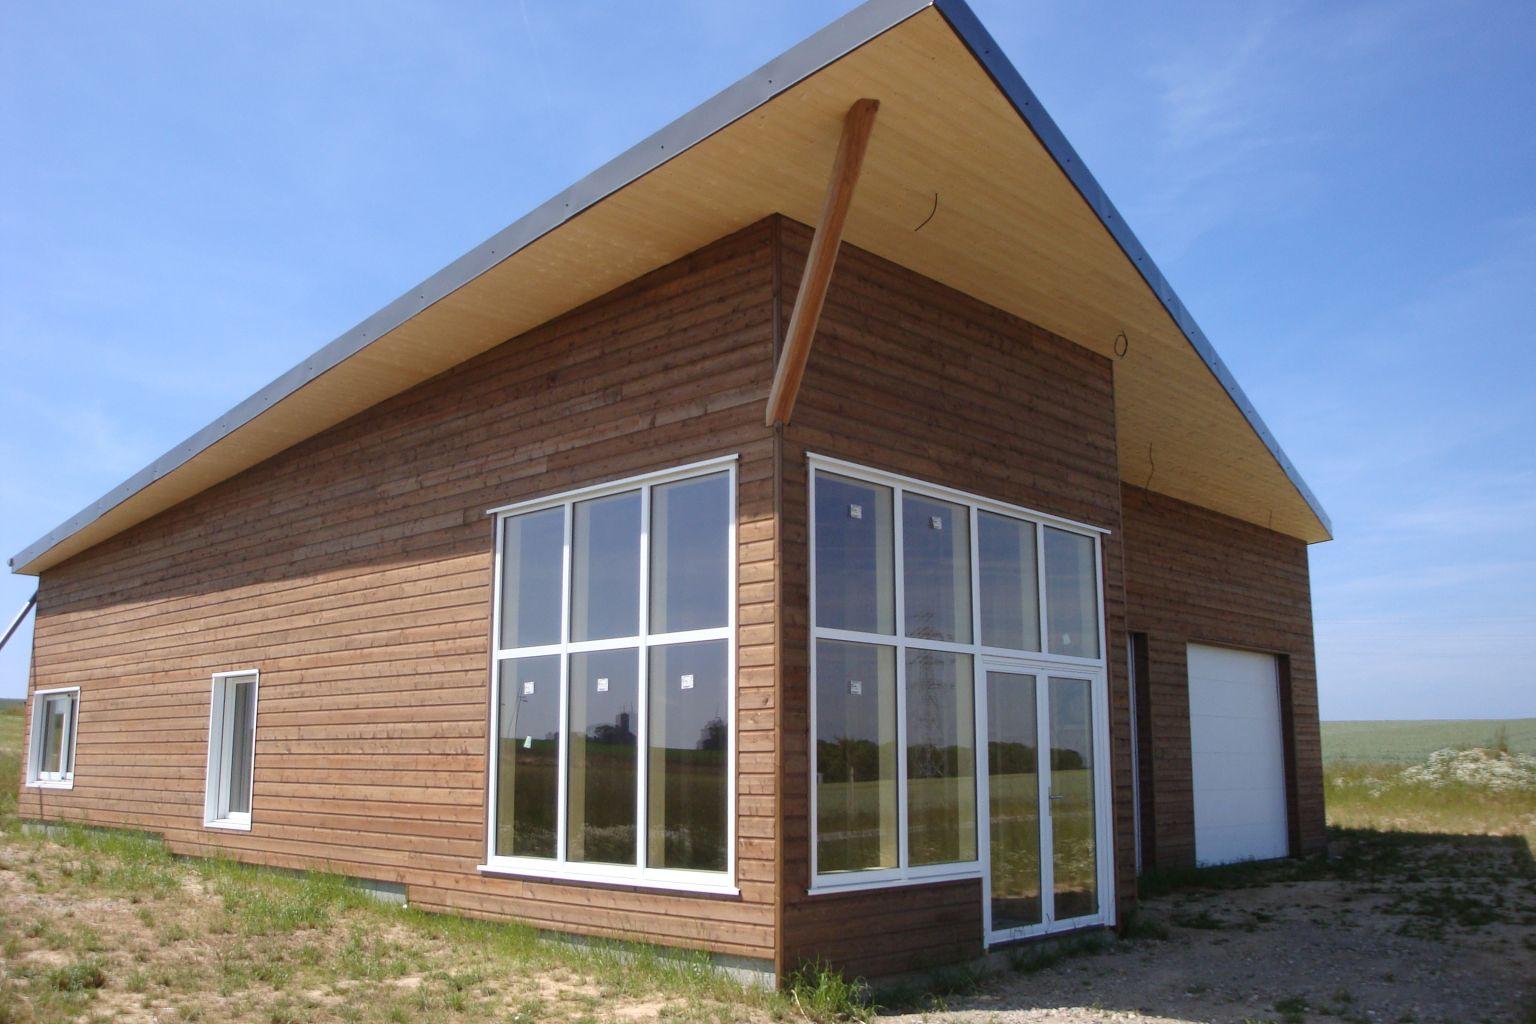 construction d'un atelier à criquetot sur longueville > djsl-bois